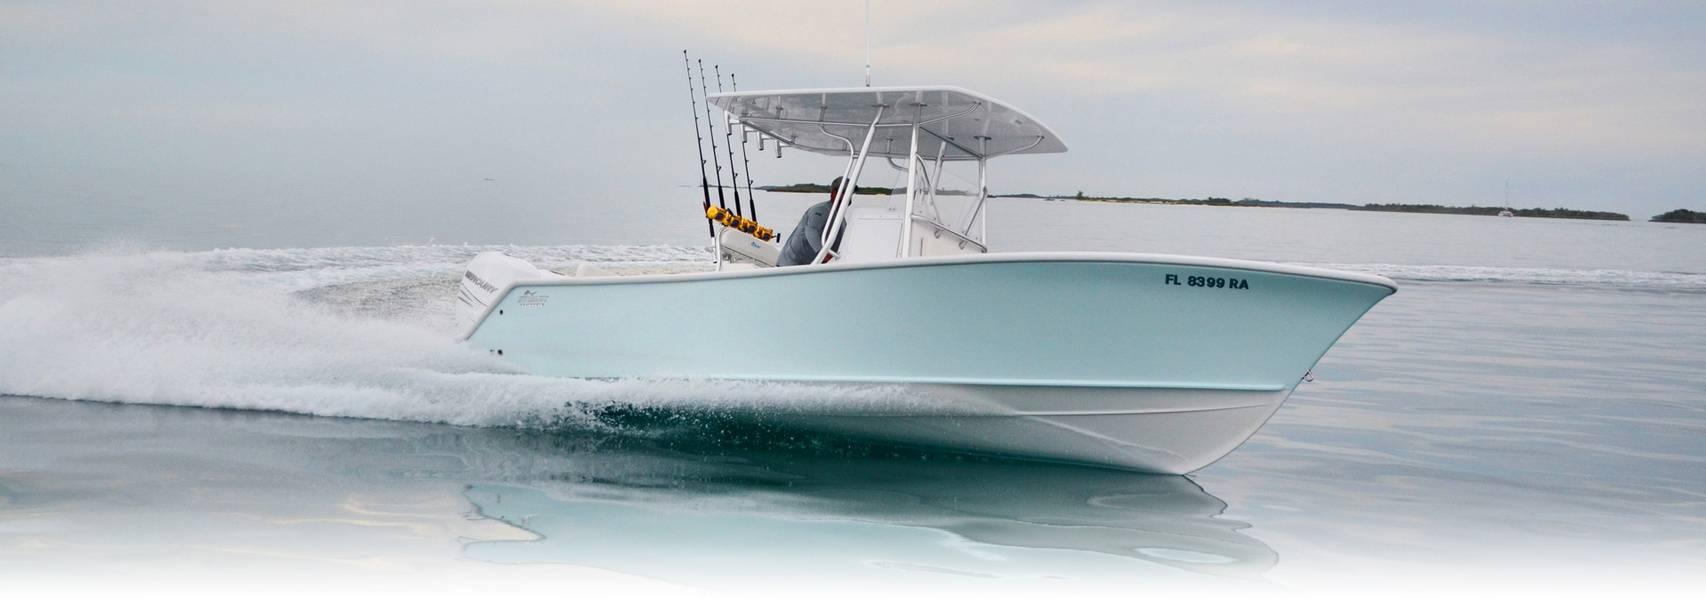 El Stuart Boatworks 27 fue un cambio de juego para Ocean5, que se exhibió por primera vez en el Salón Náutico Internacional de Miami este año. Imagen cortesía de Ocean 5 Naval Architects.